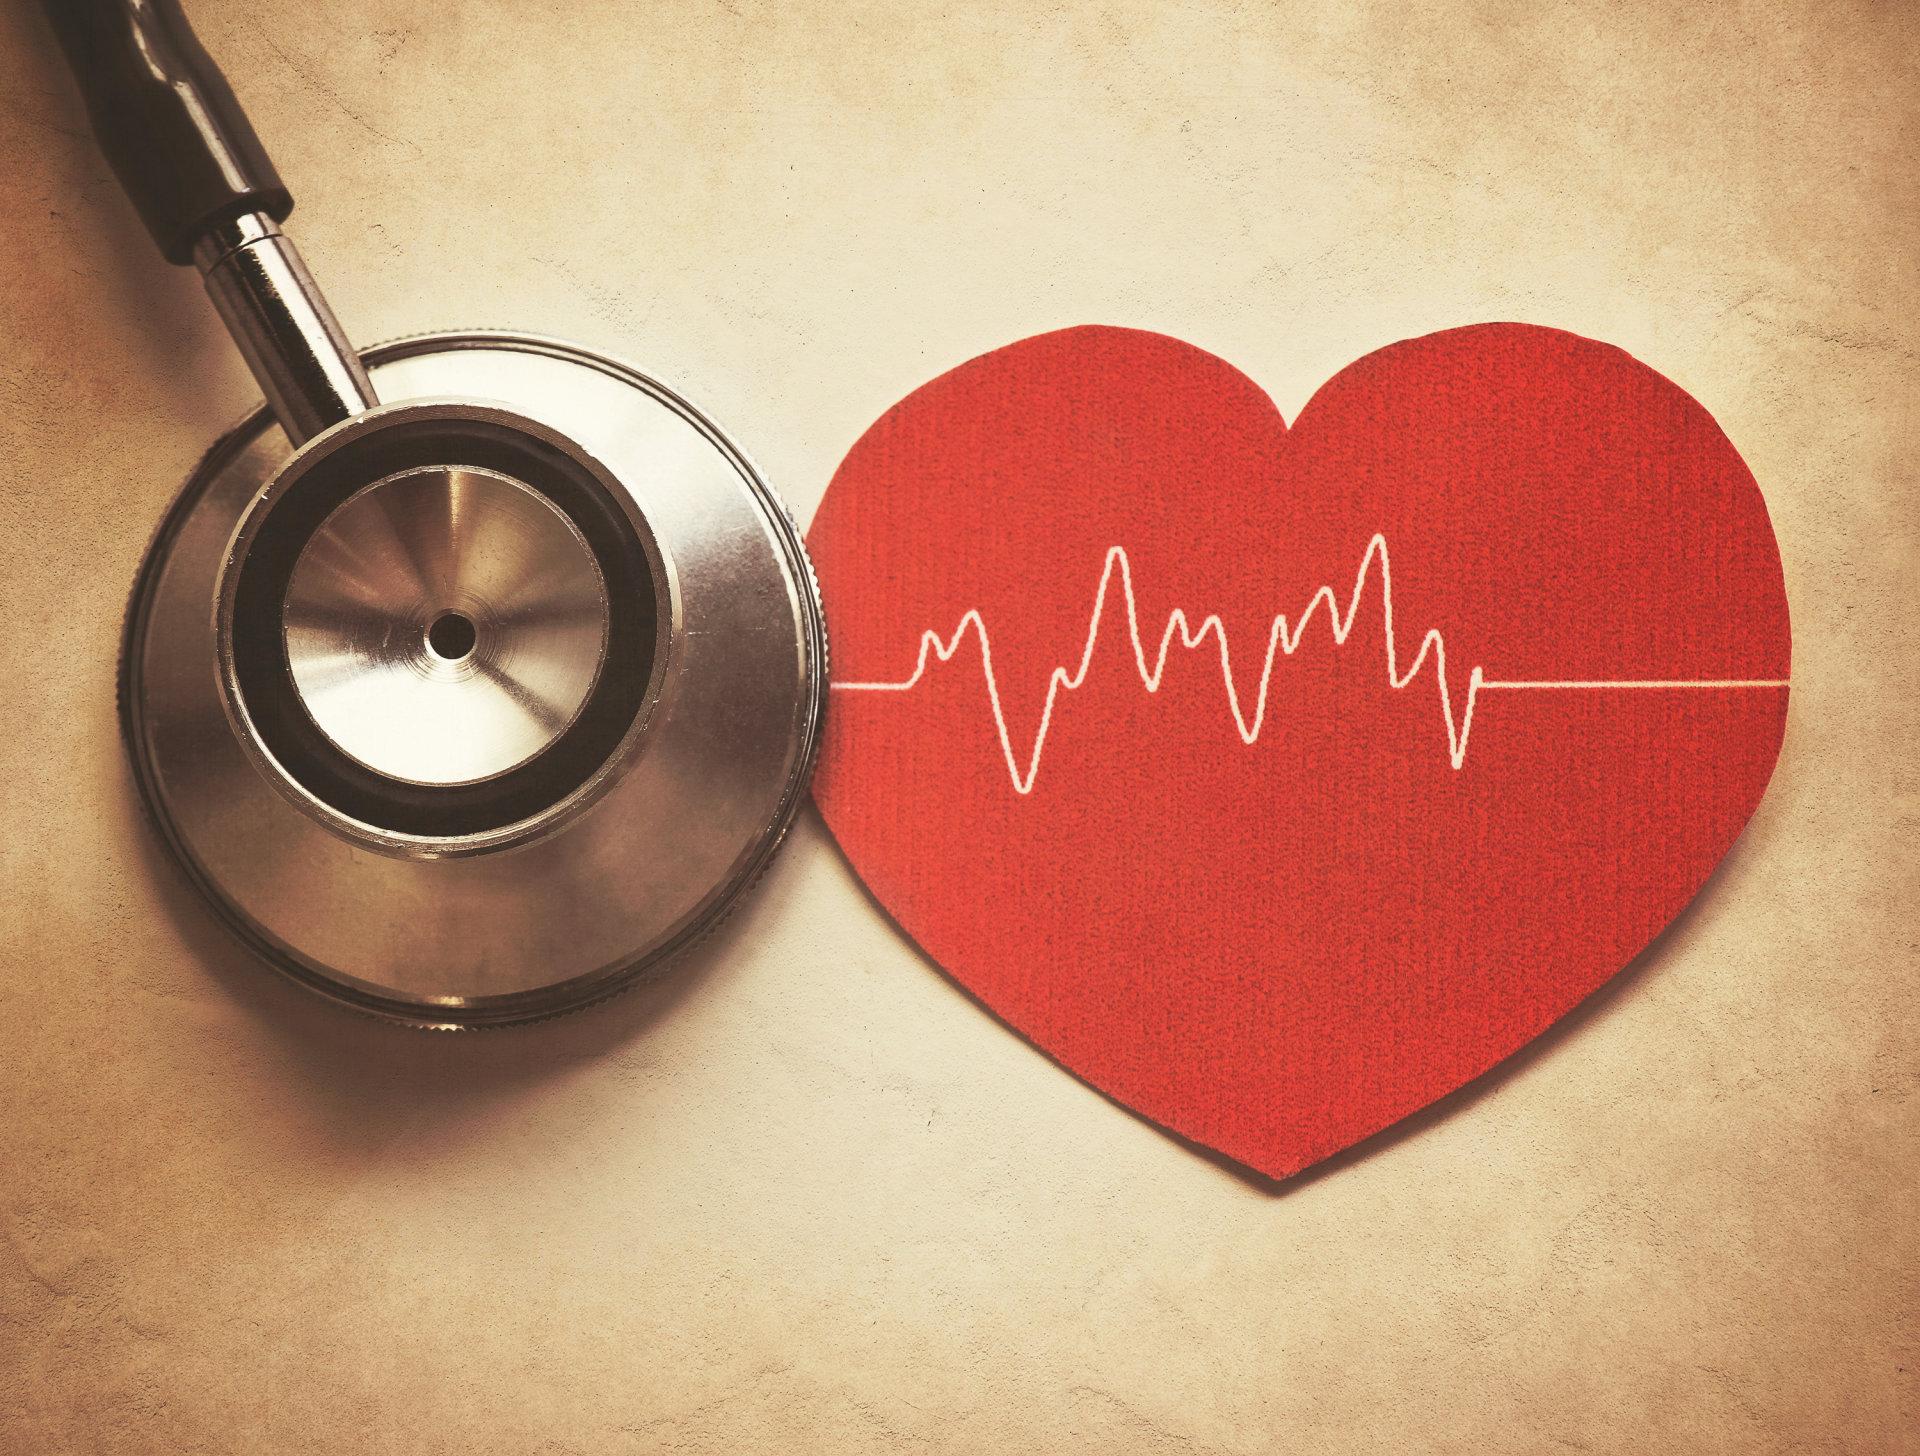 galva širdis rankos sveikatos pažadas medicinos aparatai hipertenzijai gydyti